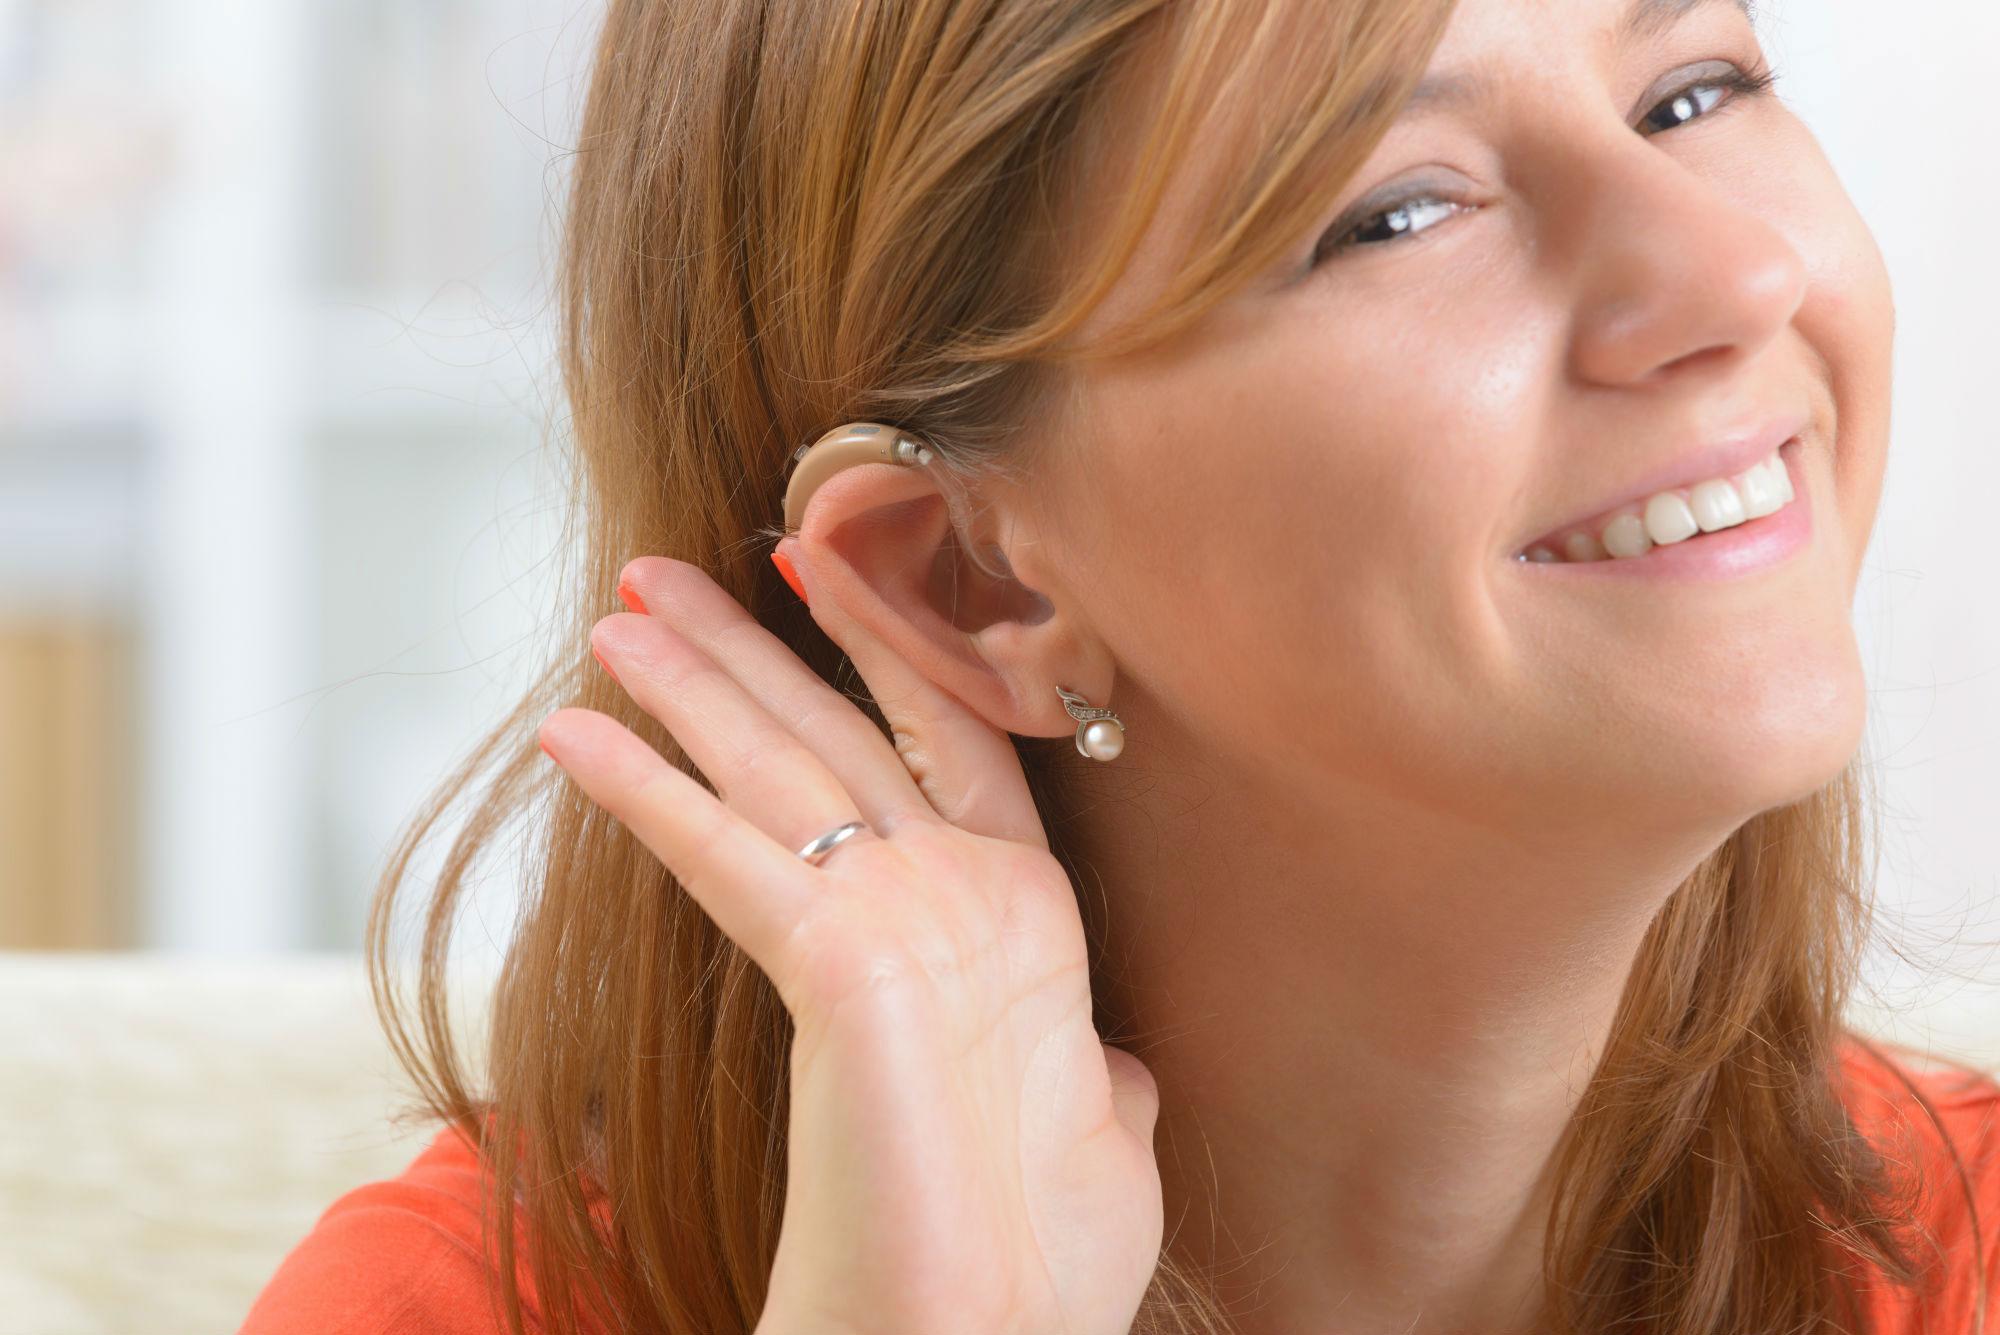 aparelho-auditivo-transformar-vida